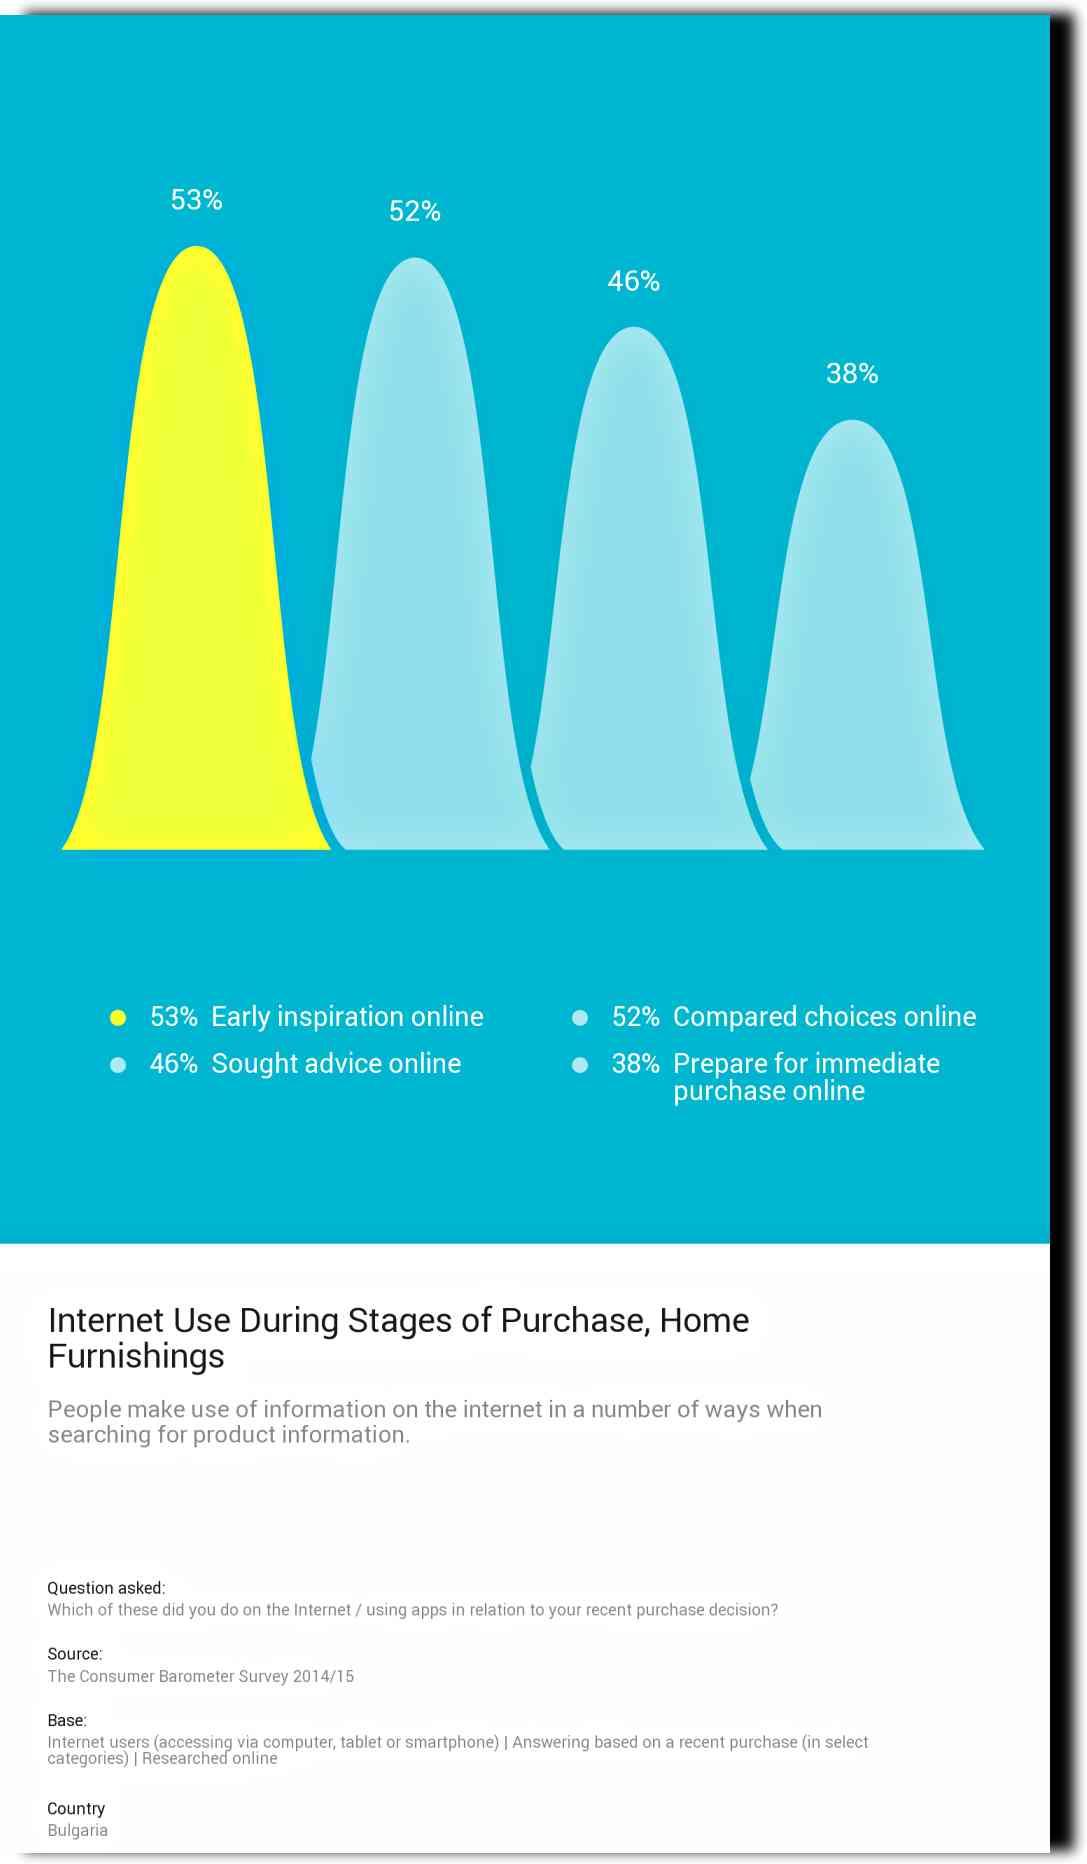 Как-се-използват-интернет-статистики-и-данни-от-Consumer-Barometer-на-Google-2